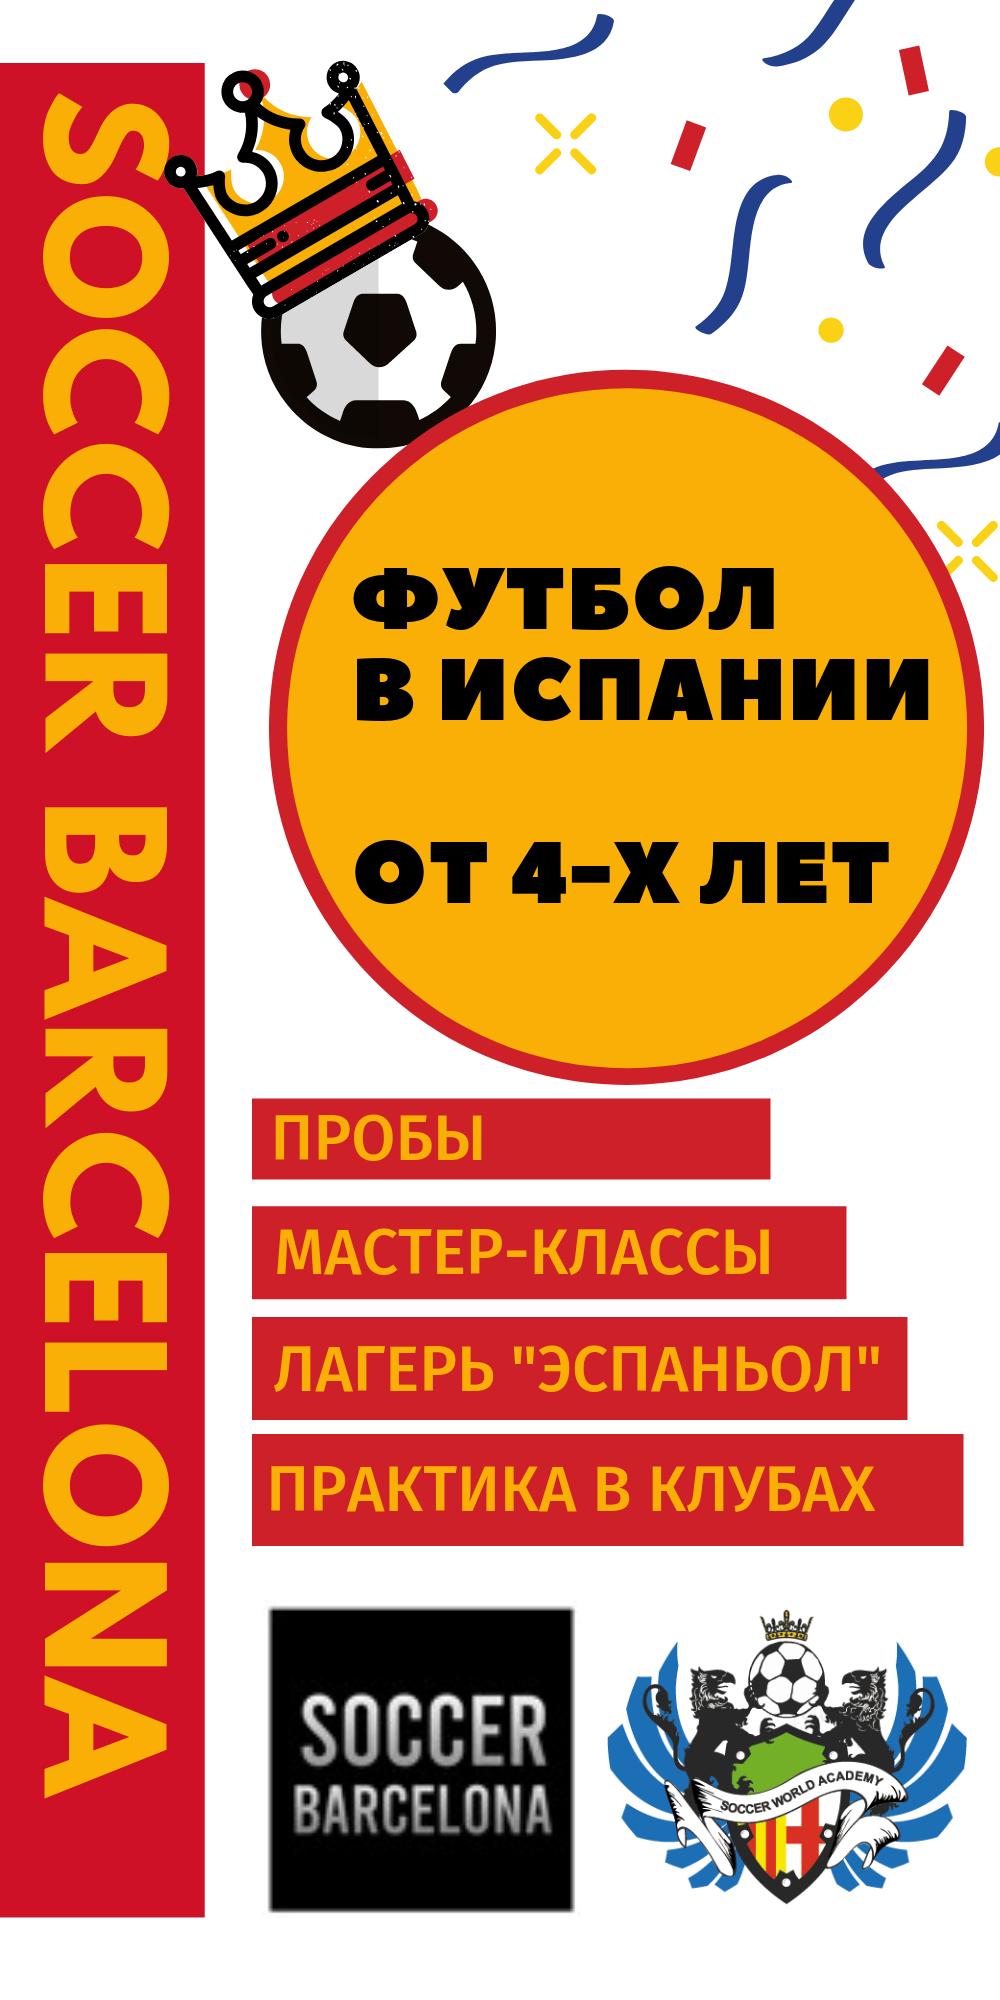 SOCCERBARCELONA